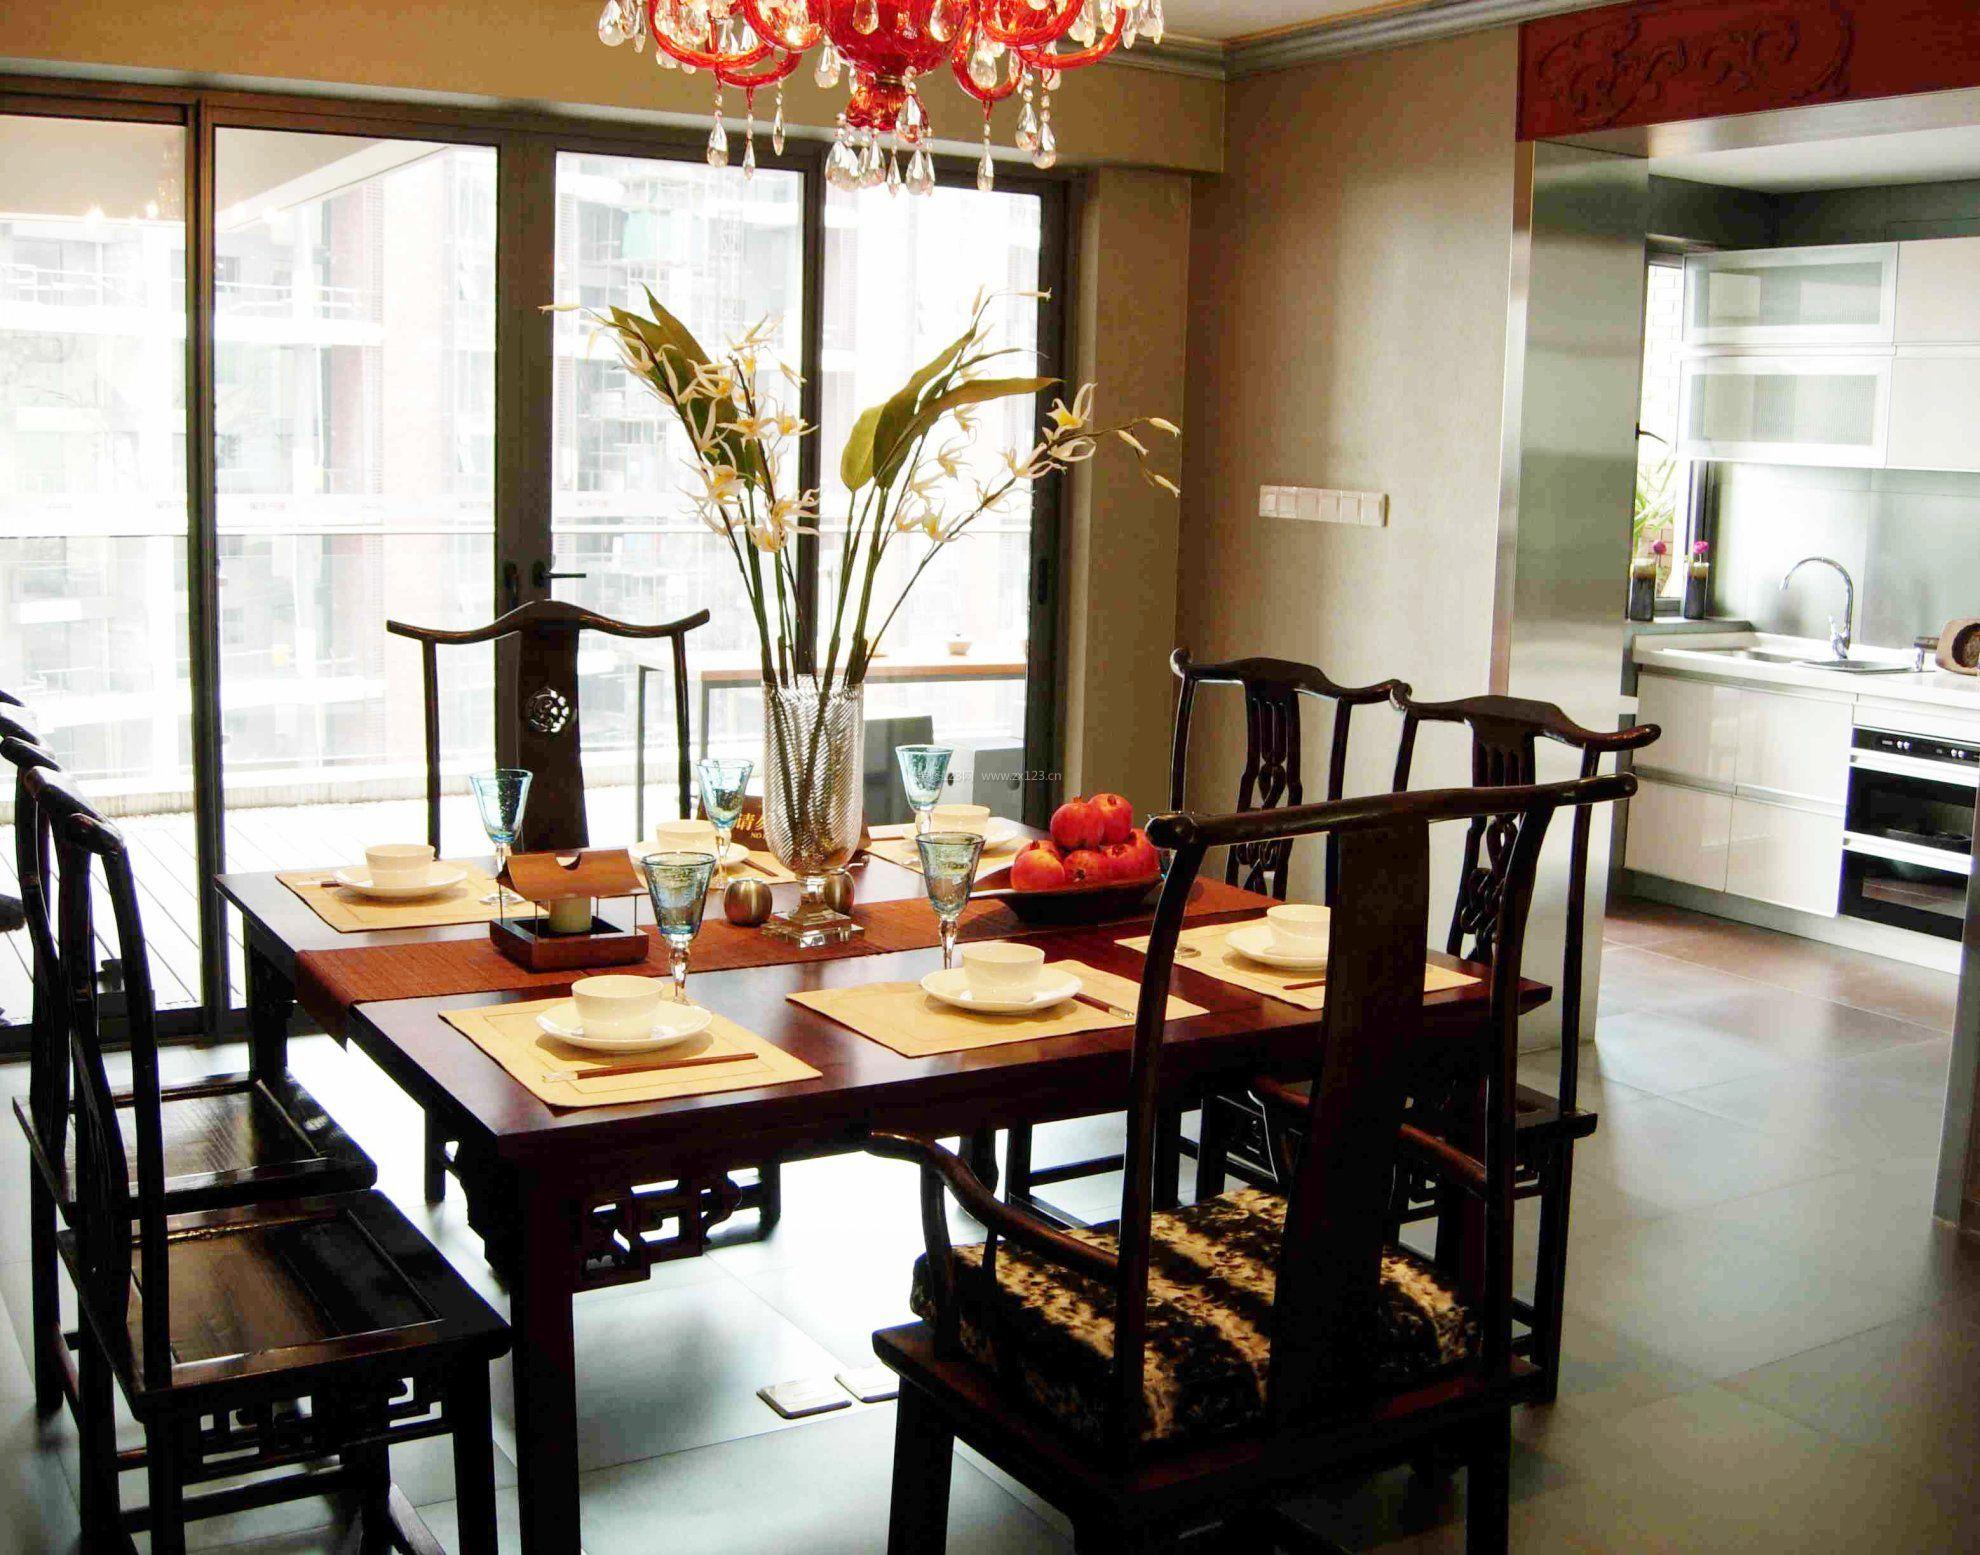 家用中式餐桌图片大全赏析